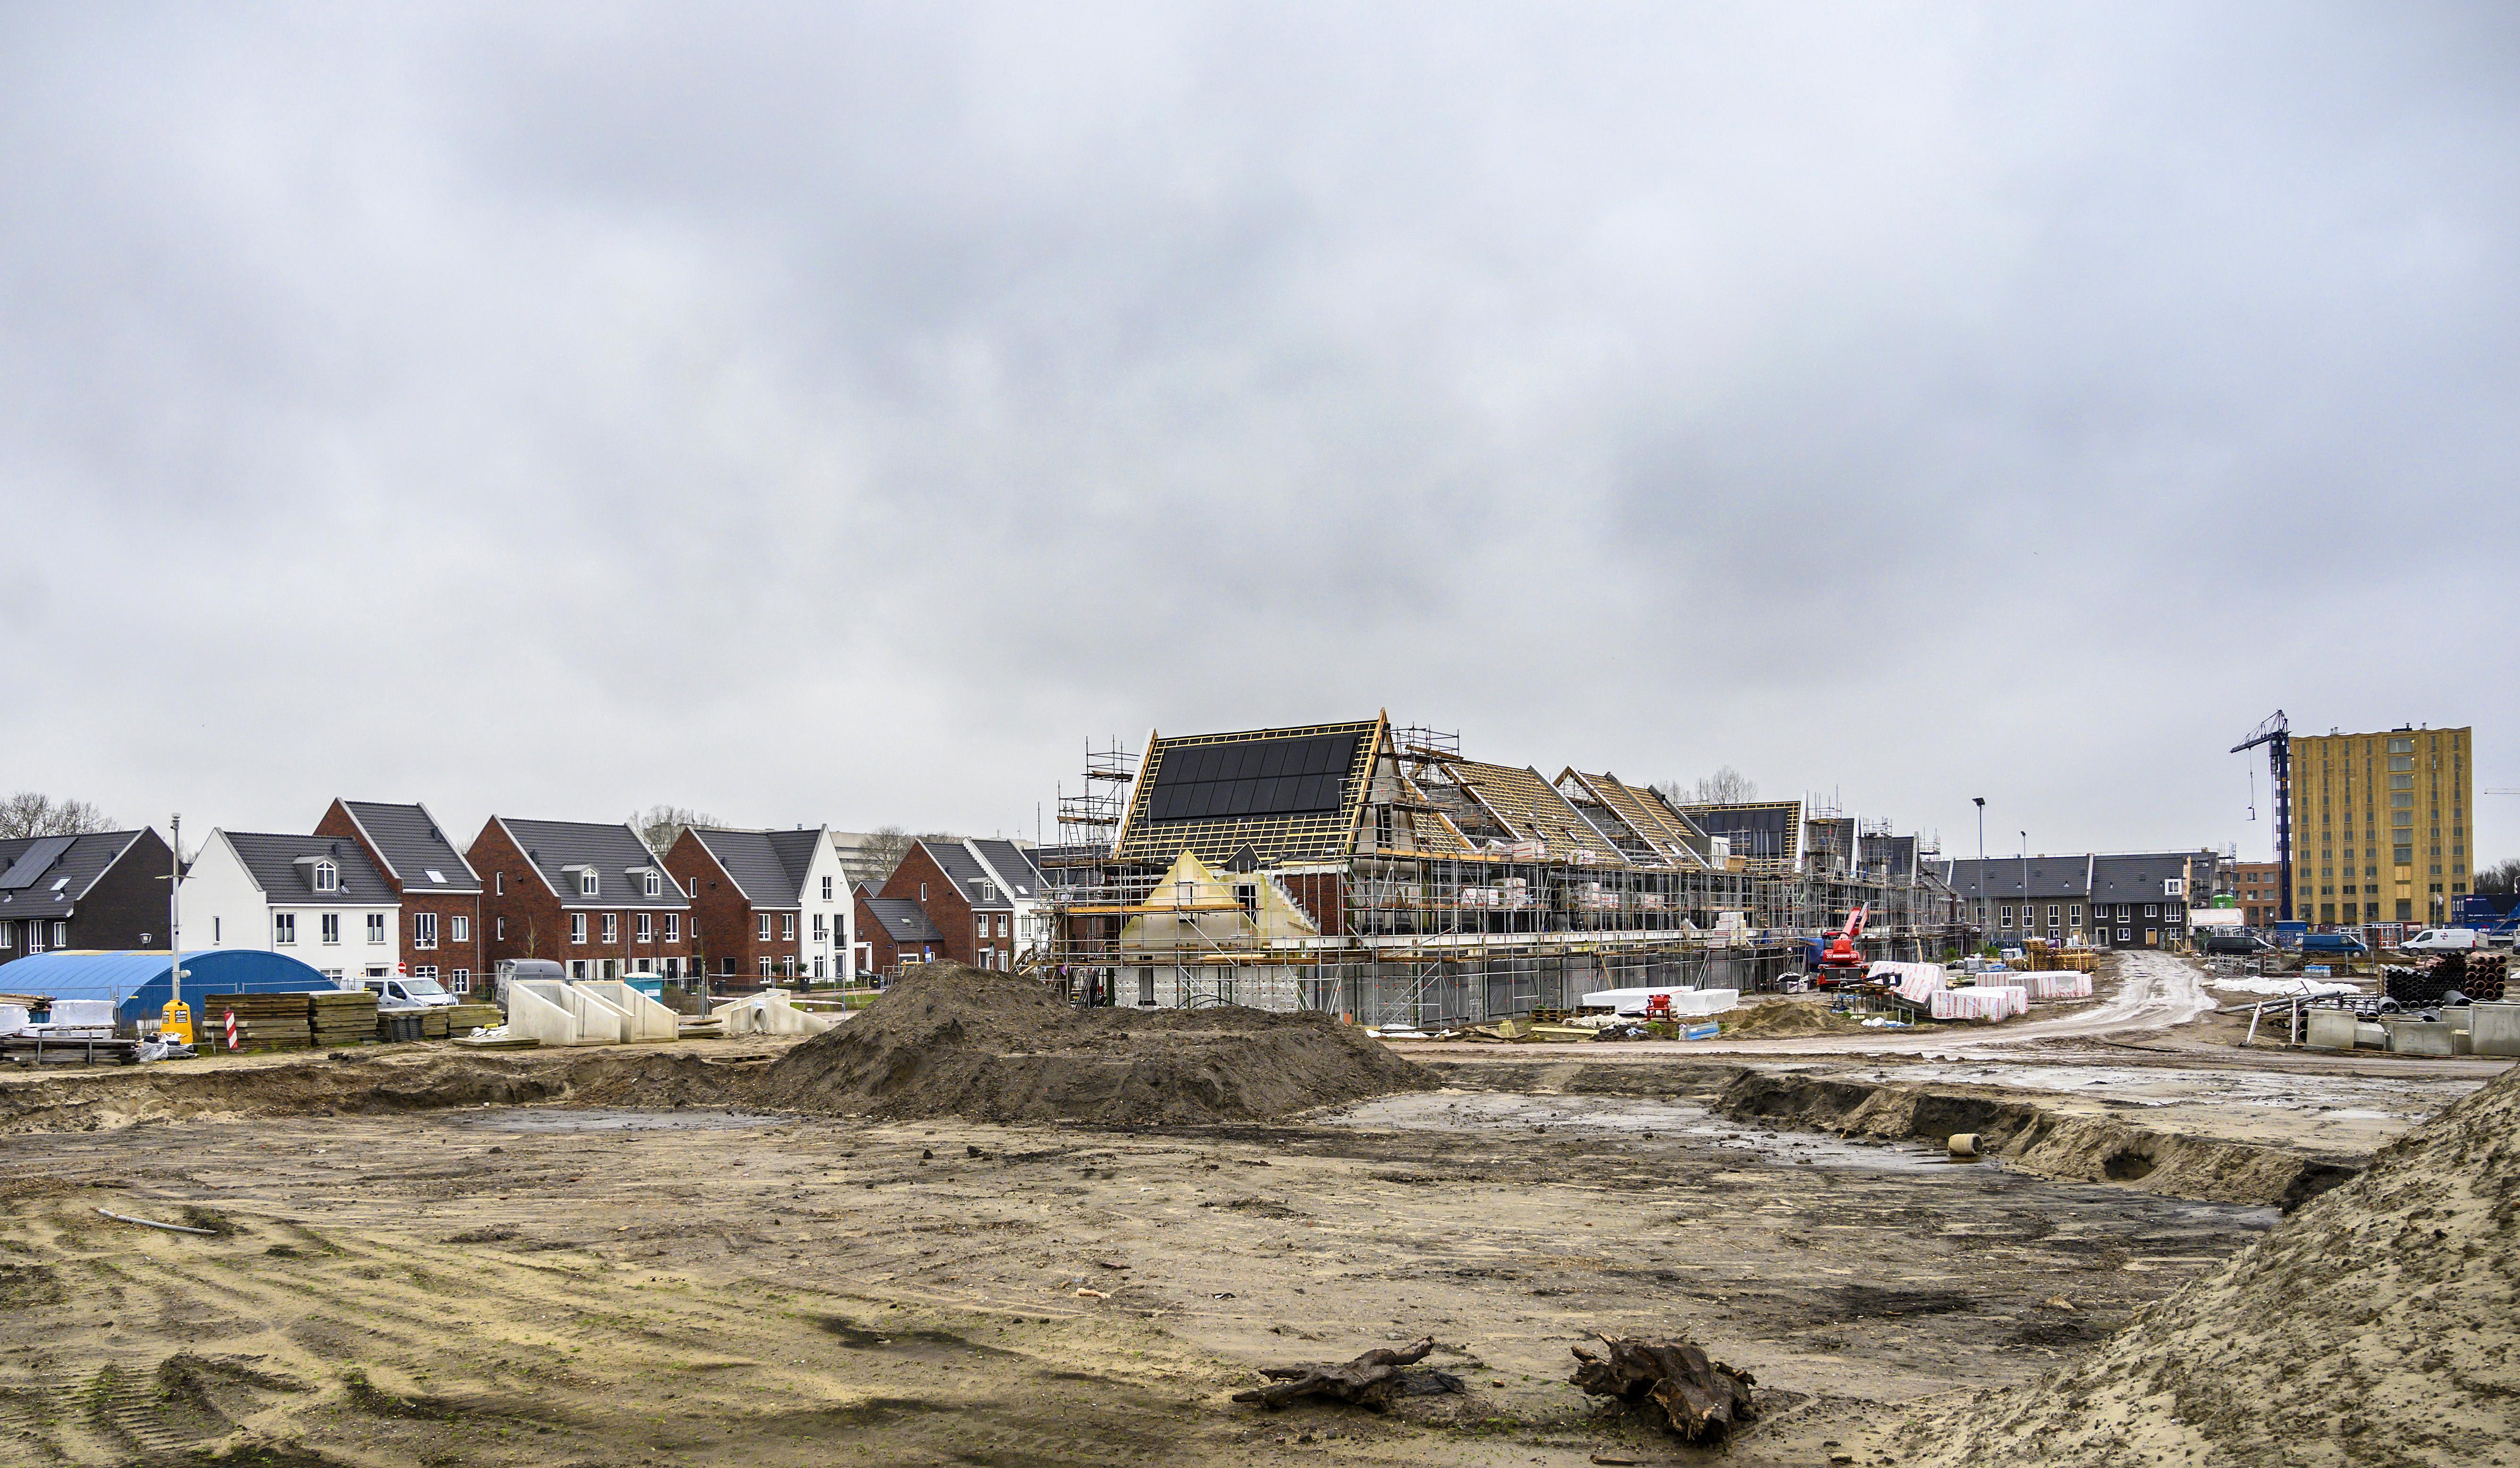 Haarlem, Zuid-Kennemerland en IJmond bouwen de verkeerde huizen, ook al zijn het er straks genoeg (als plannen tenminste doorgaan)